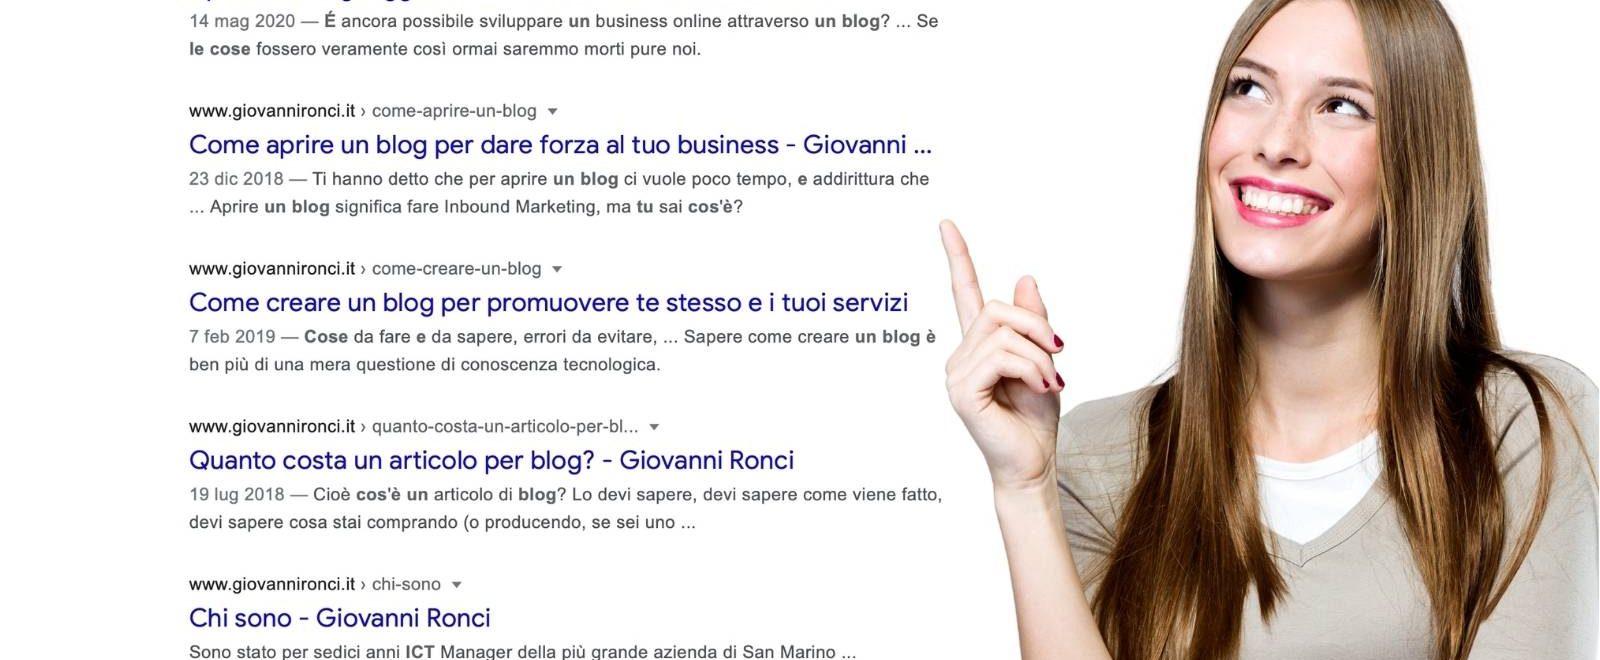 Come scrivere un titolo: nell'immagine donna sorridente indica una pagina dei risultati nei motori di ricerca